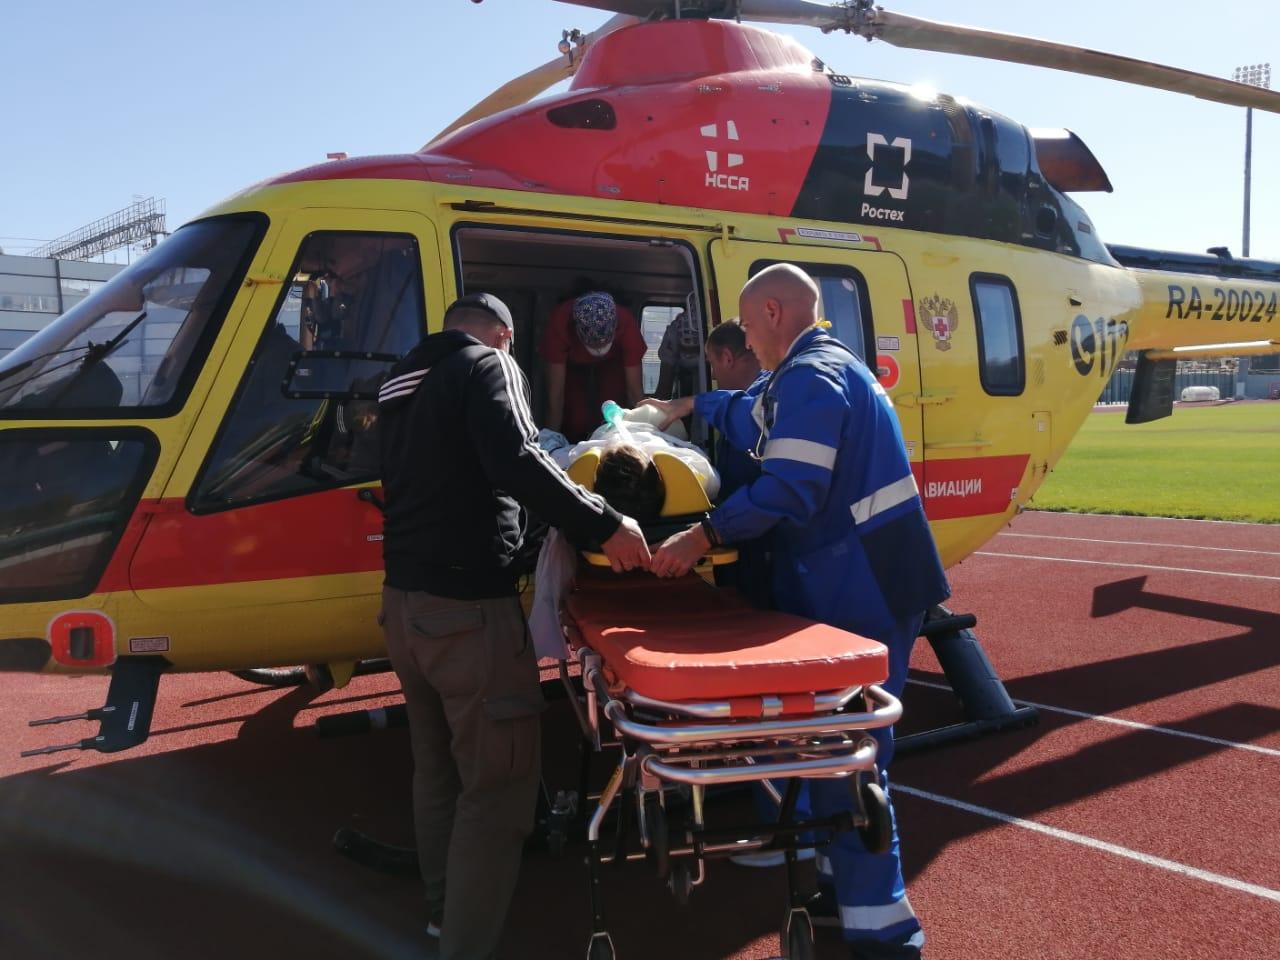 Из Кисловодска в Ставрополь тяжелого пациента доставили вертолетом